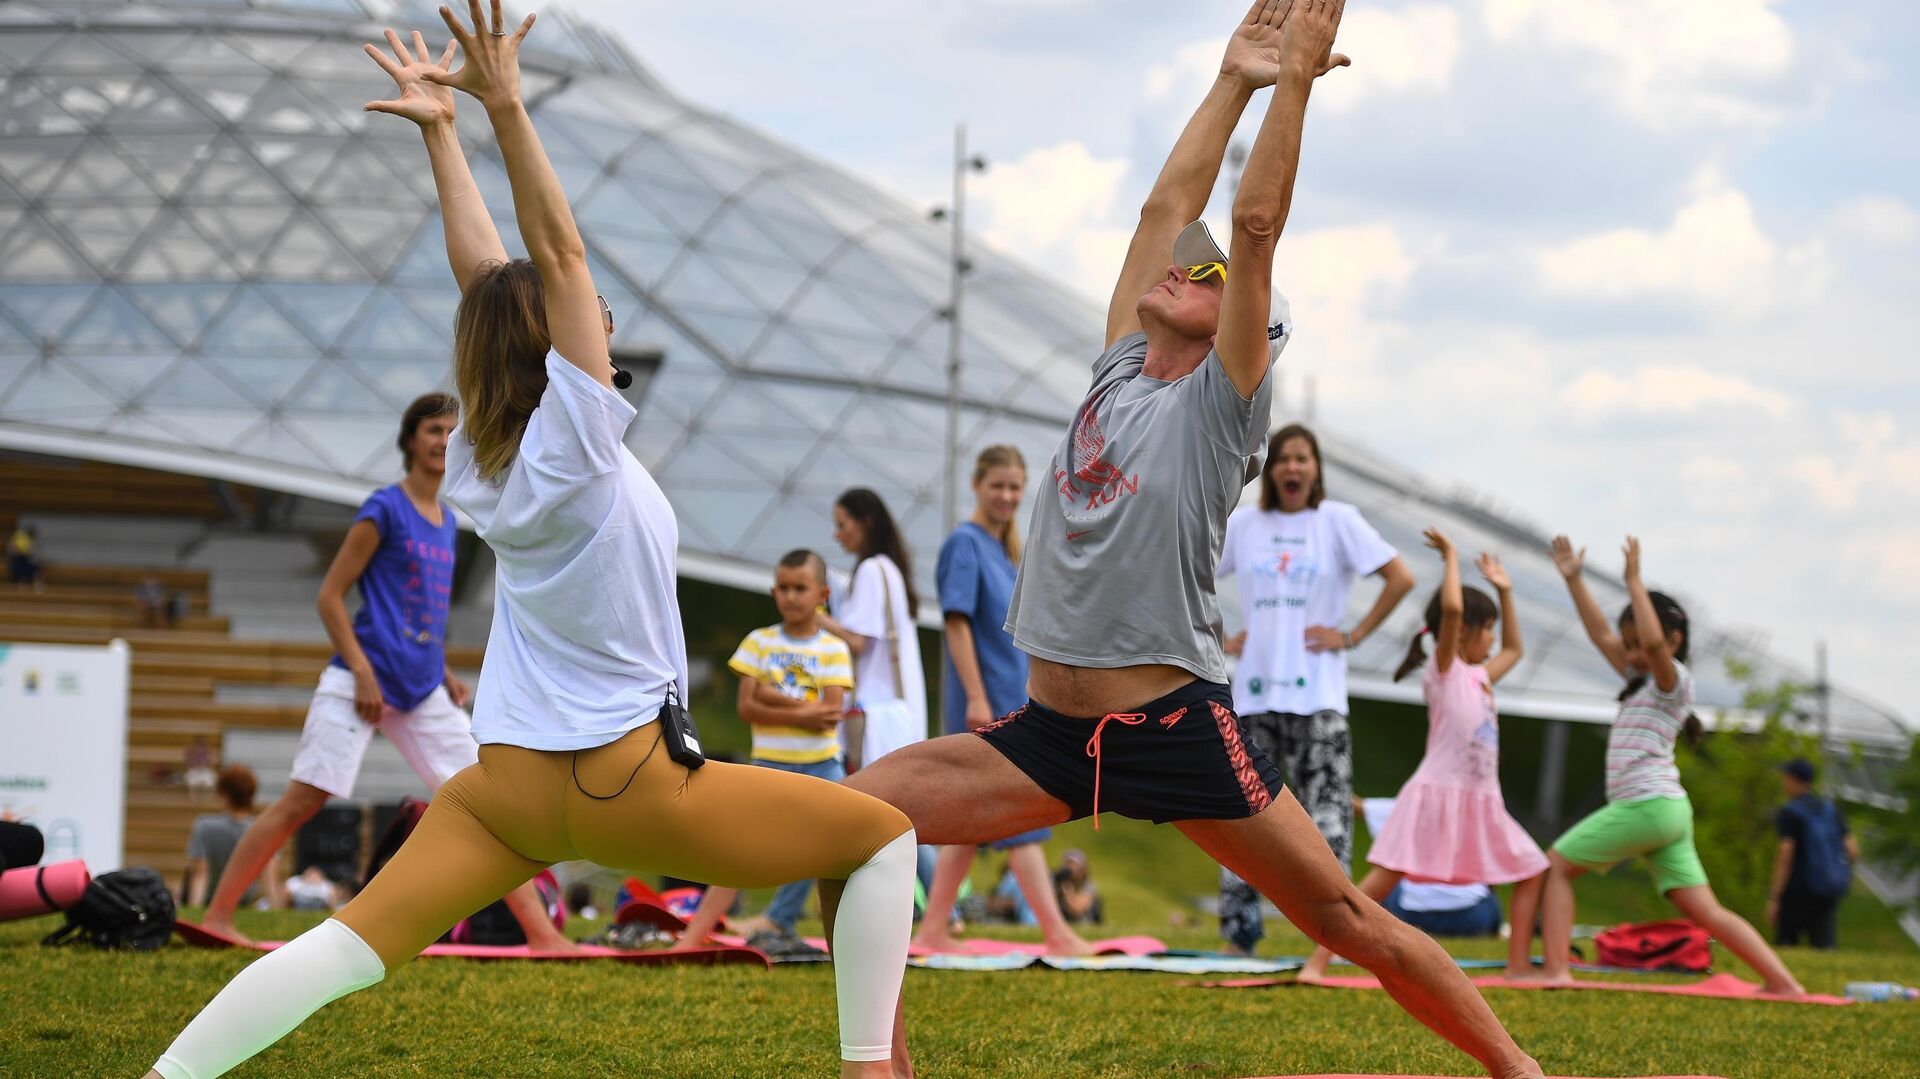 Участники проекта 365YogaDay во время V Международного фестиваля йоги в парке Зарядье - РИА Новости, 1920, 09.08.2021